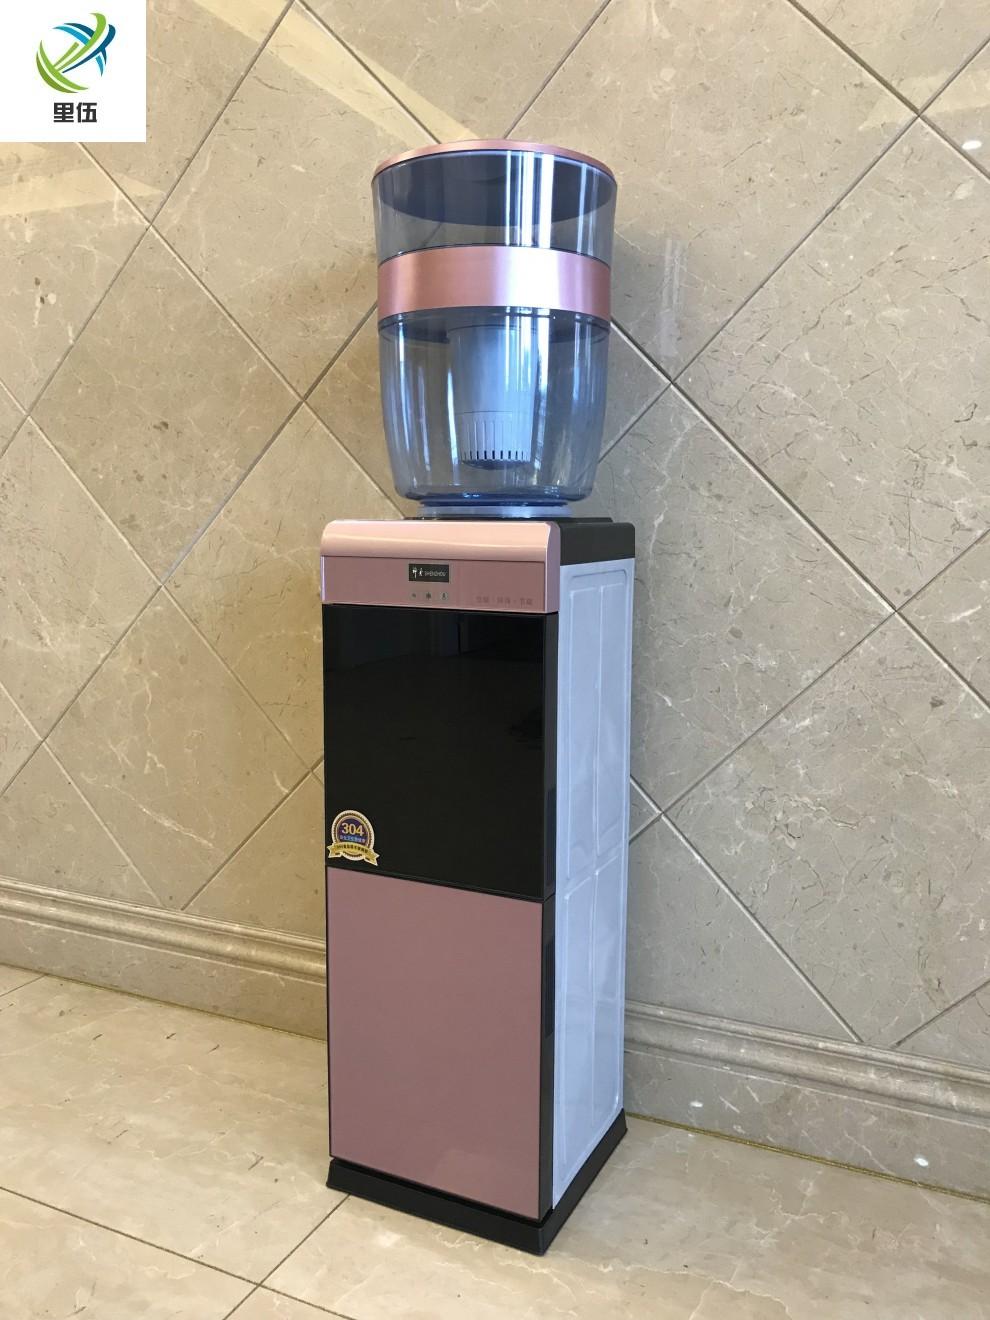 里伍家用净水桶 过滤桶 自来水井水过滤净水器 可直饮 可配任意饮水机